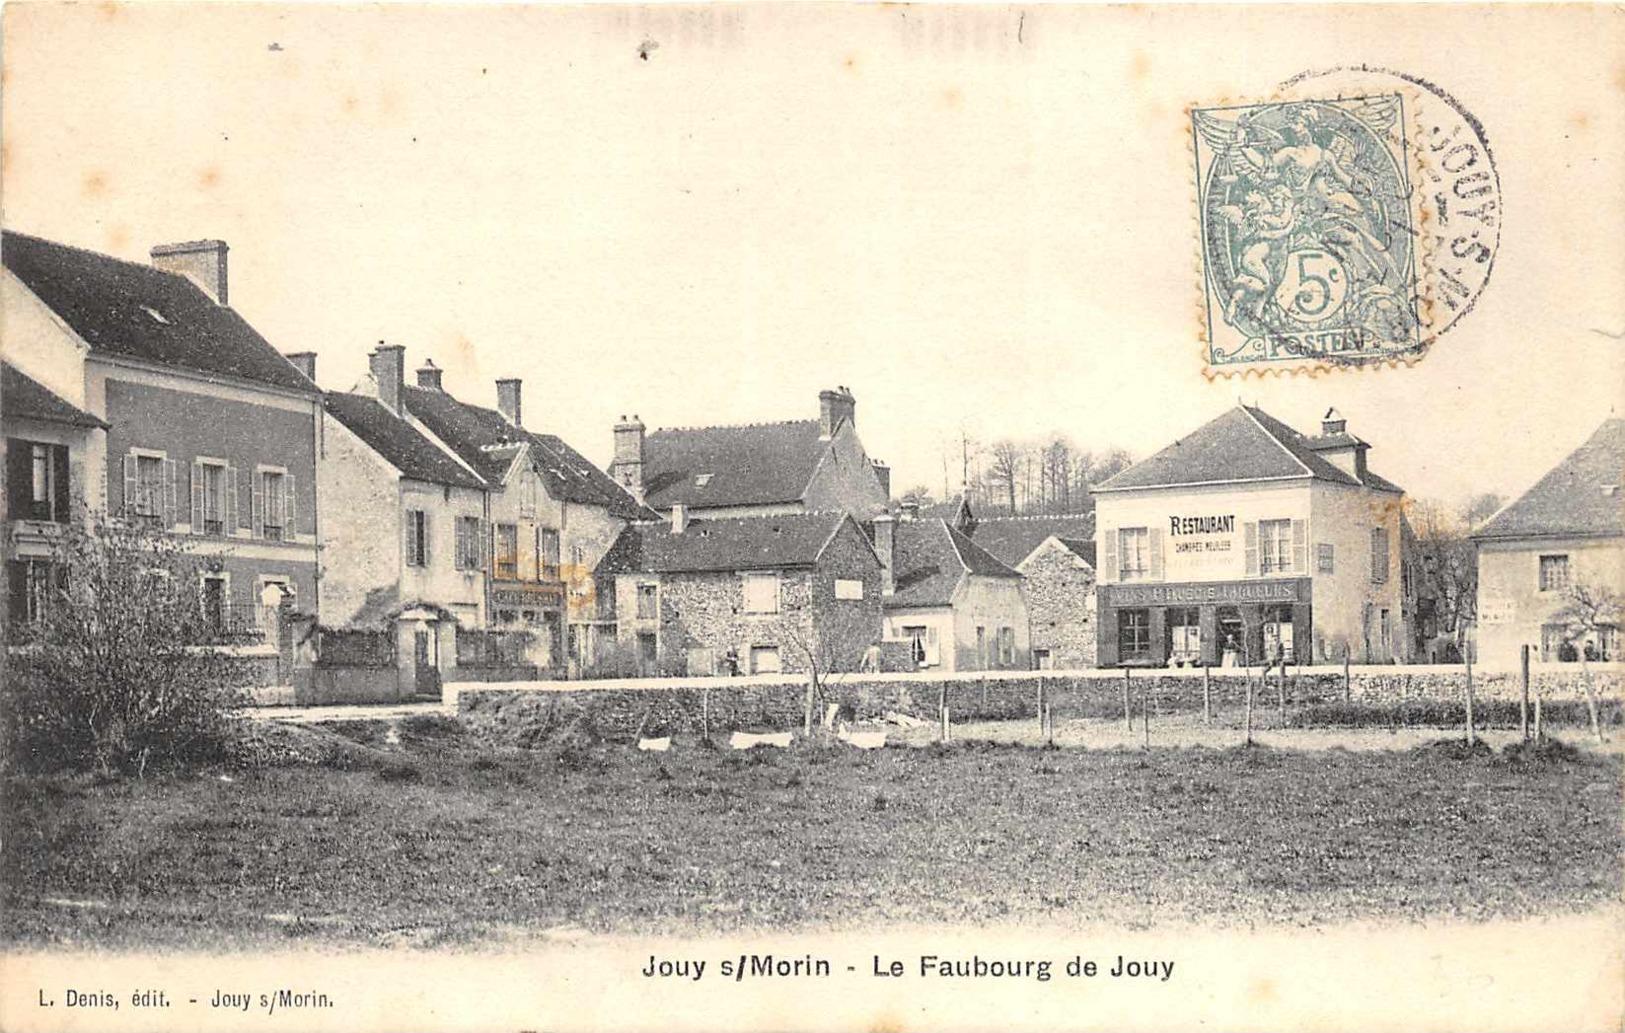 Jouy S/Morin - Le Faubourg De Jouy - France